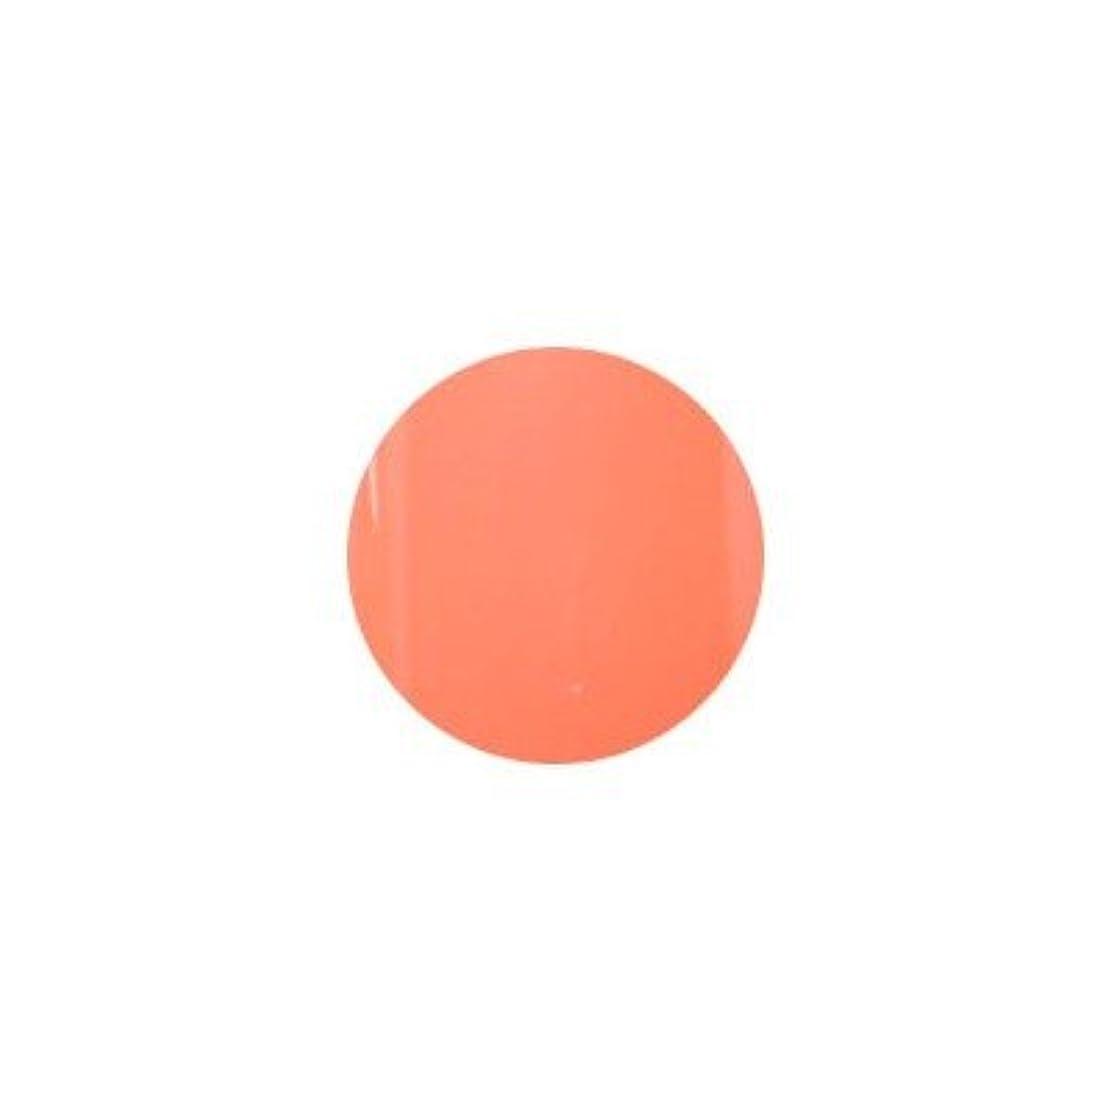 締め切り書く励起プティール カラージェル ラヴィング L14 ビタミンオレンジ